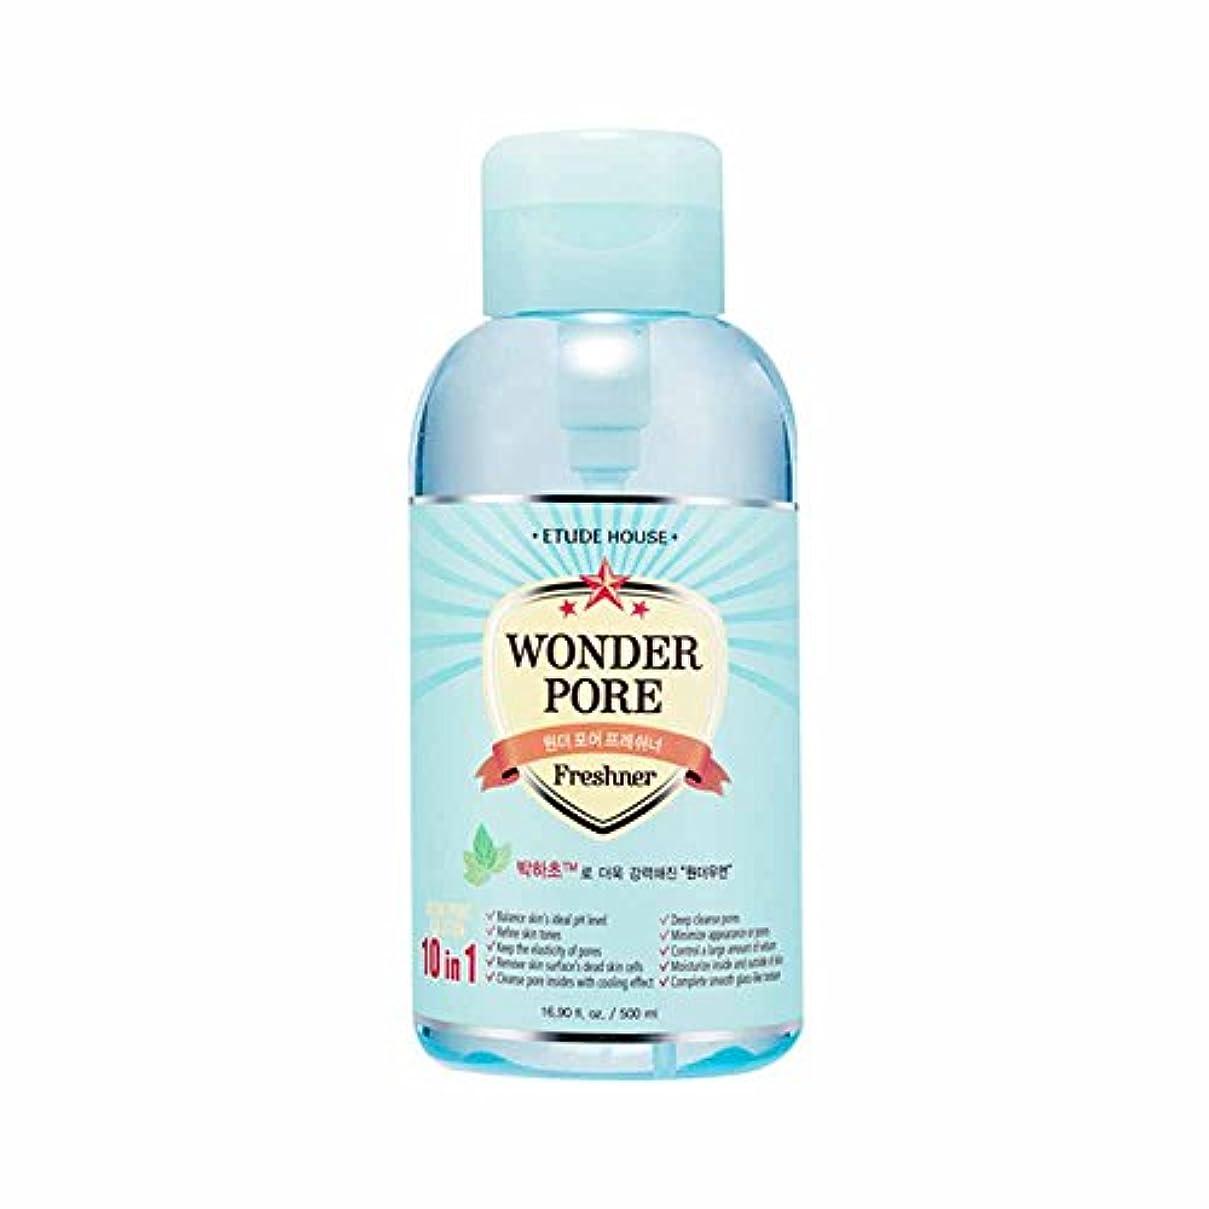 現実には注ぎます剃る(3 Pack) ETUDE HOUSE Wonder Pore Freshner 10 in 1,500 mL (並行輸入品)